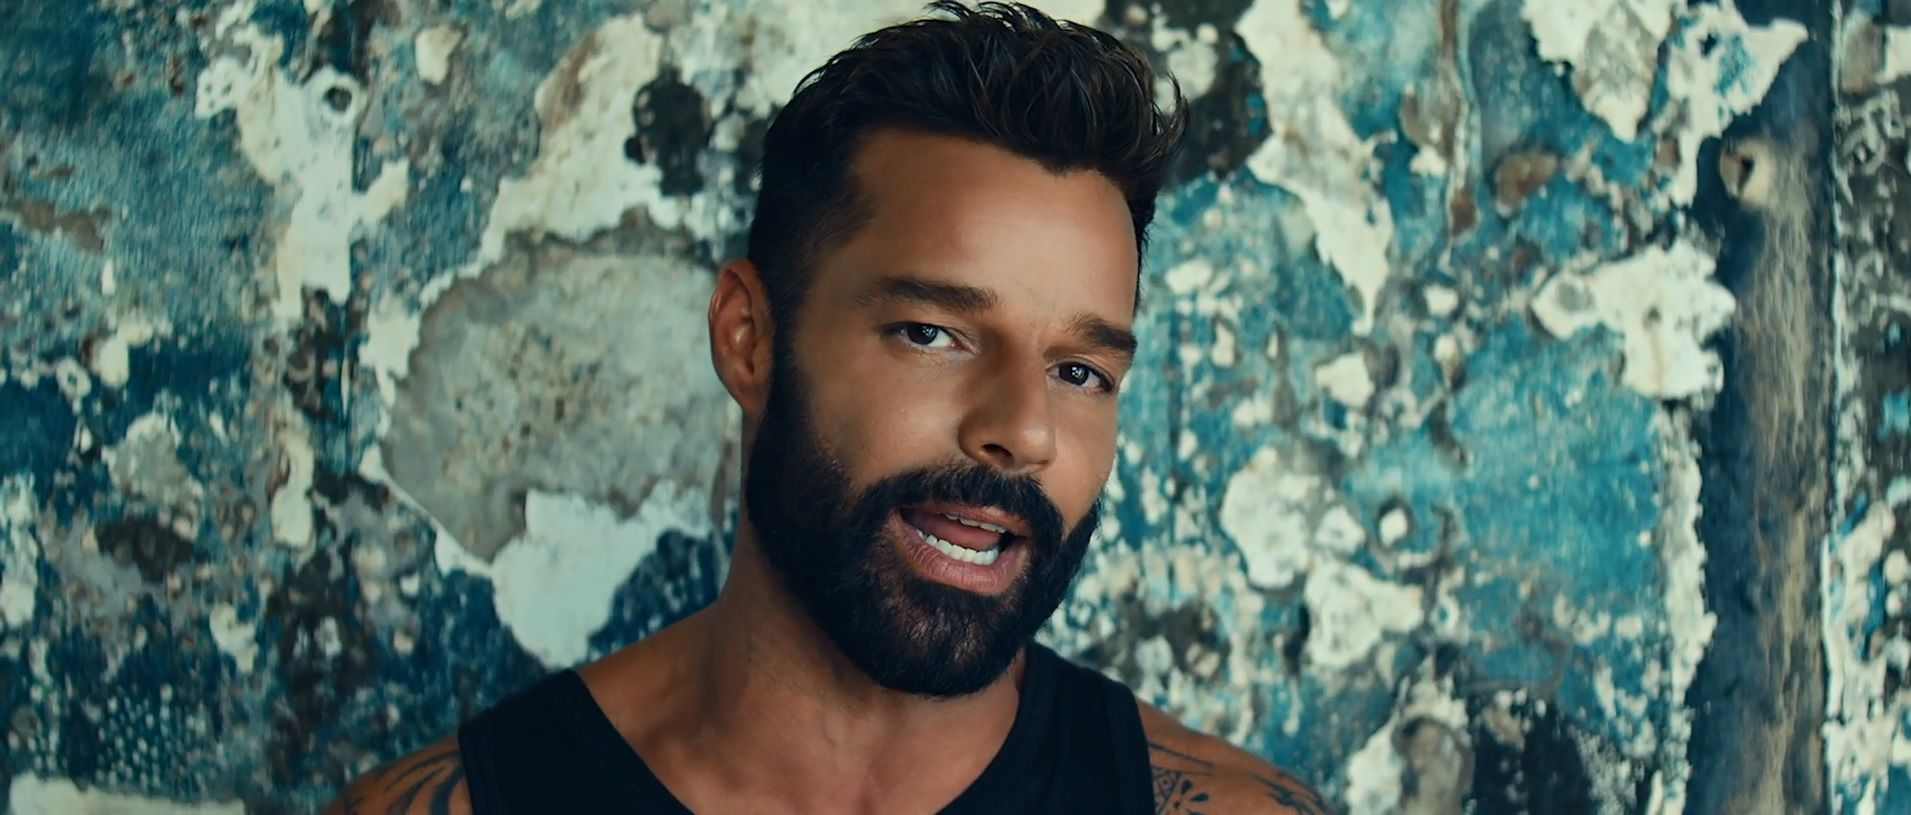 Ricky Martin estrenó el video de Tiburones, su nueva canción